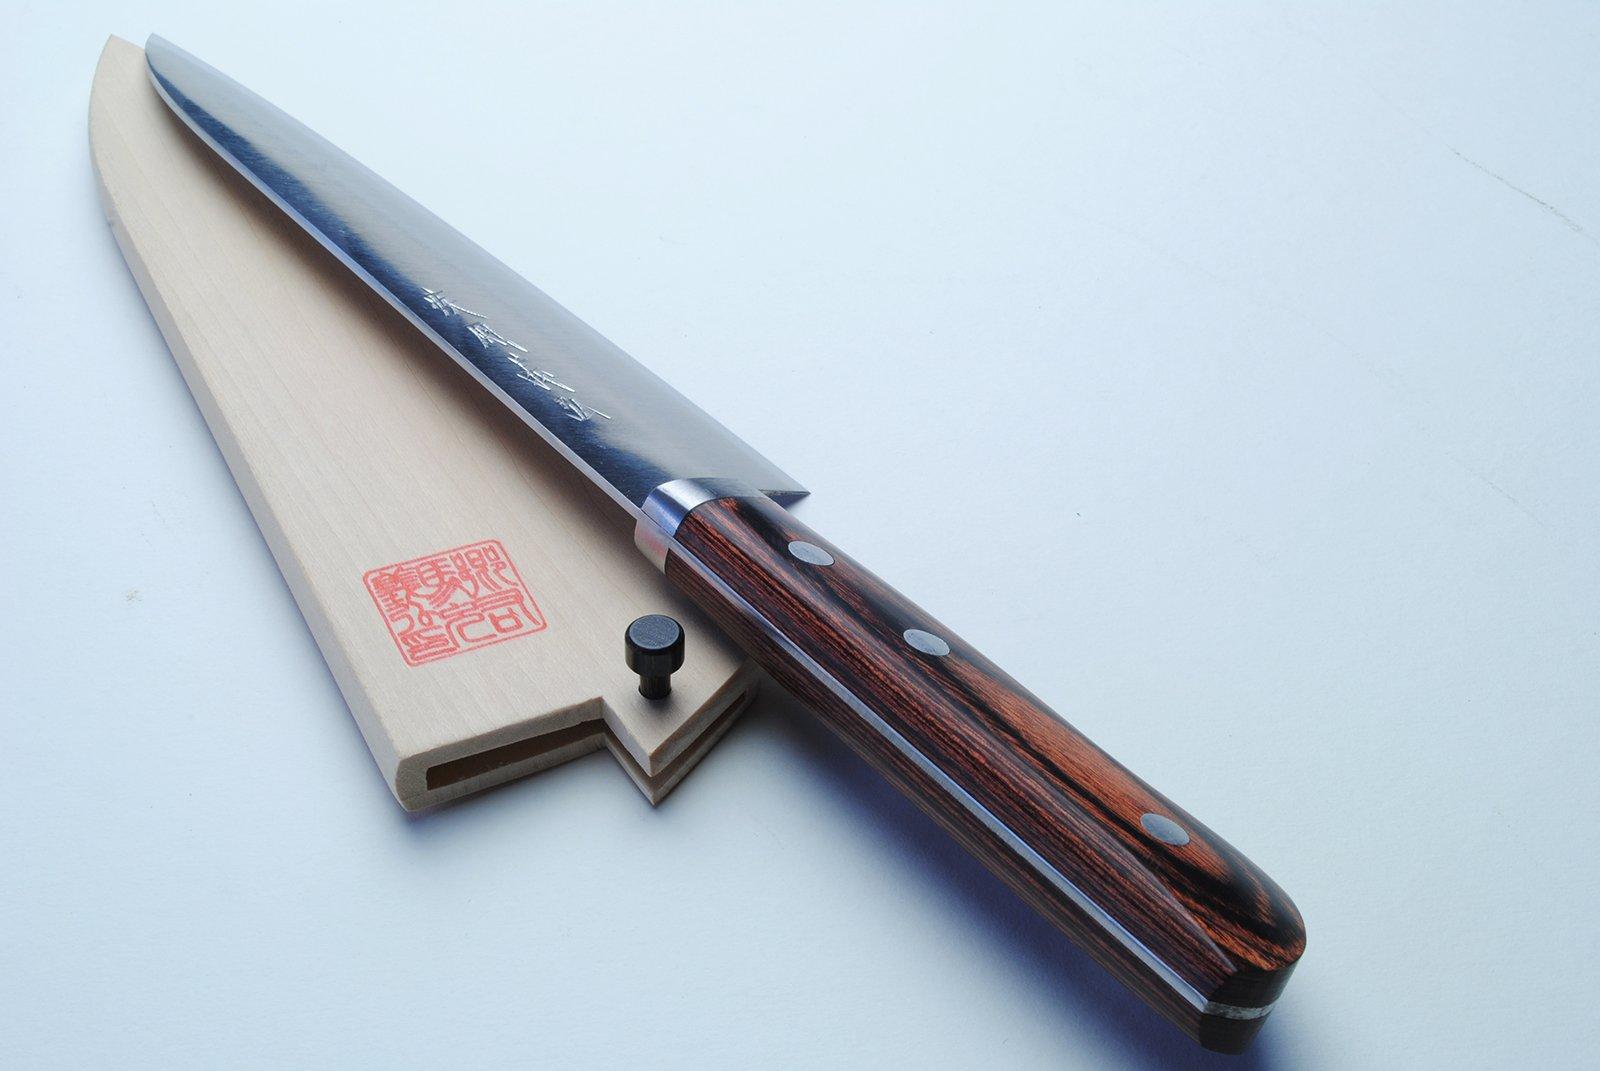 Yoshihiro VG-1 Gold Stainless Steel Gyuto Japanese Chef Knife 7'' (180mm) Magnolia Wood Saya Cover by Yoshihiro (Image #2)